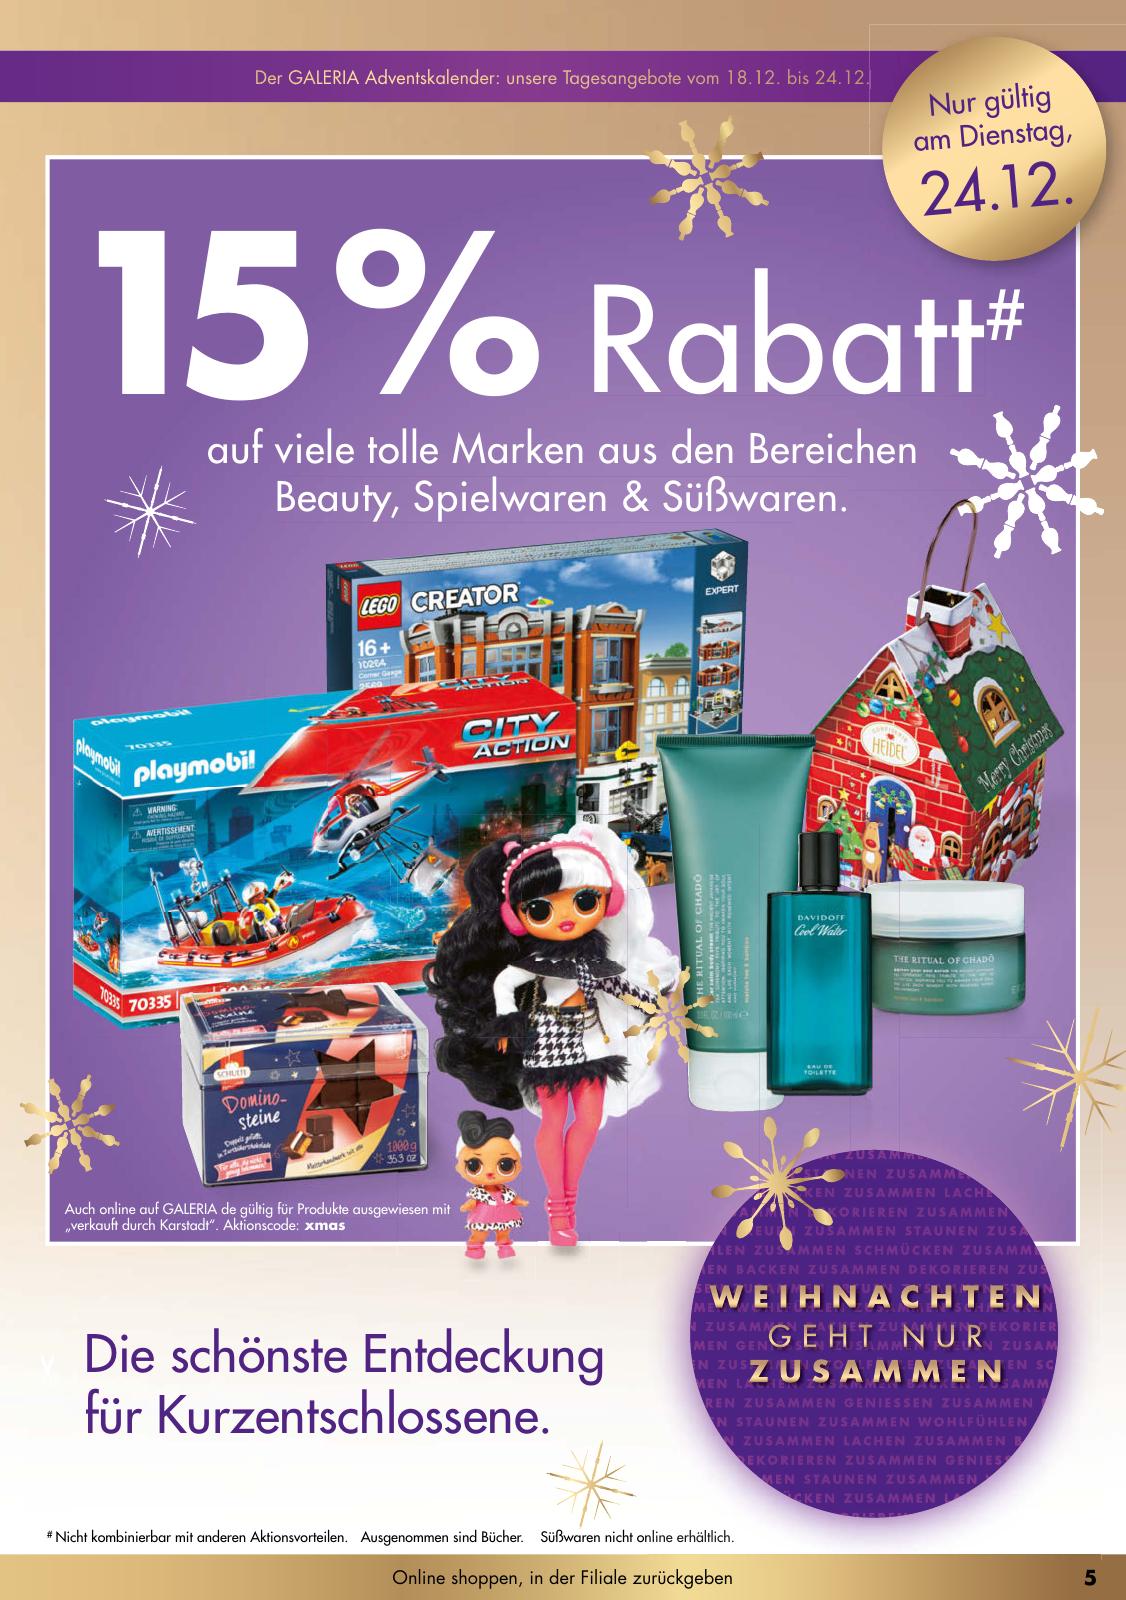 15% Rabatt auf Lego und Spielwaren, Galeria, nur am 24.12.19